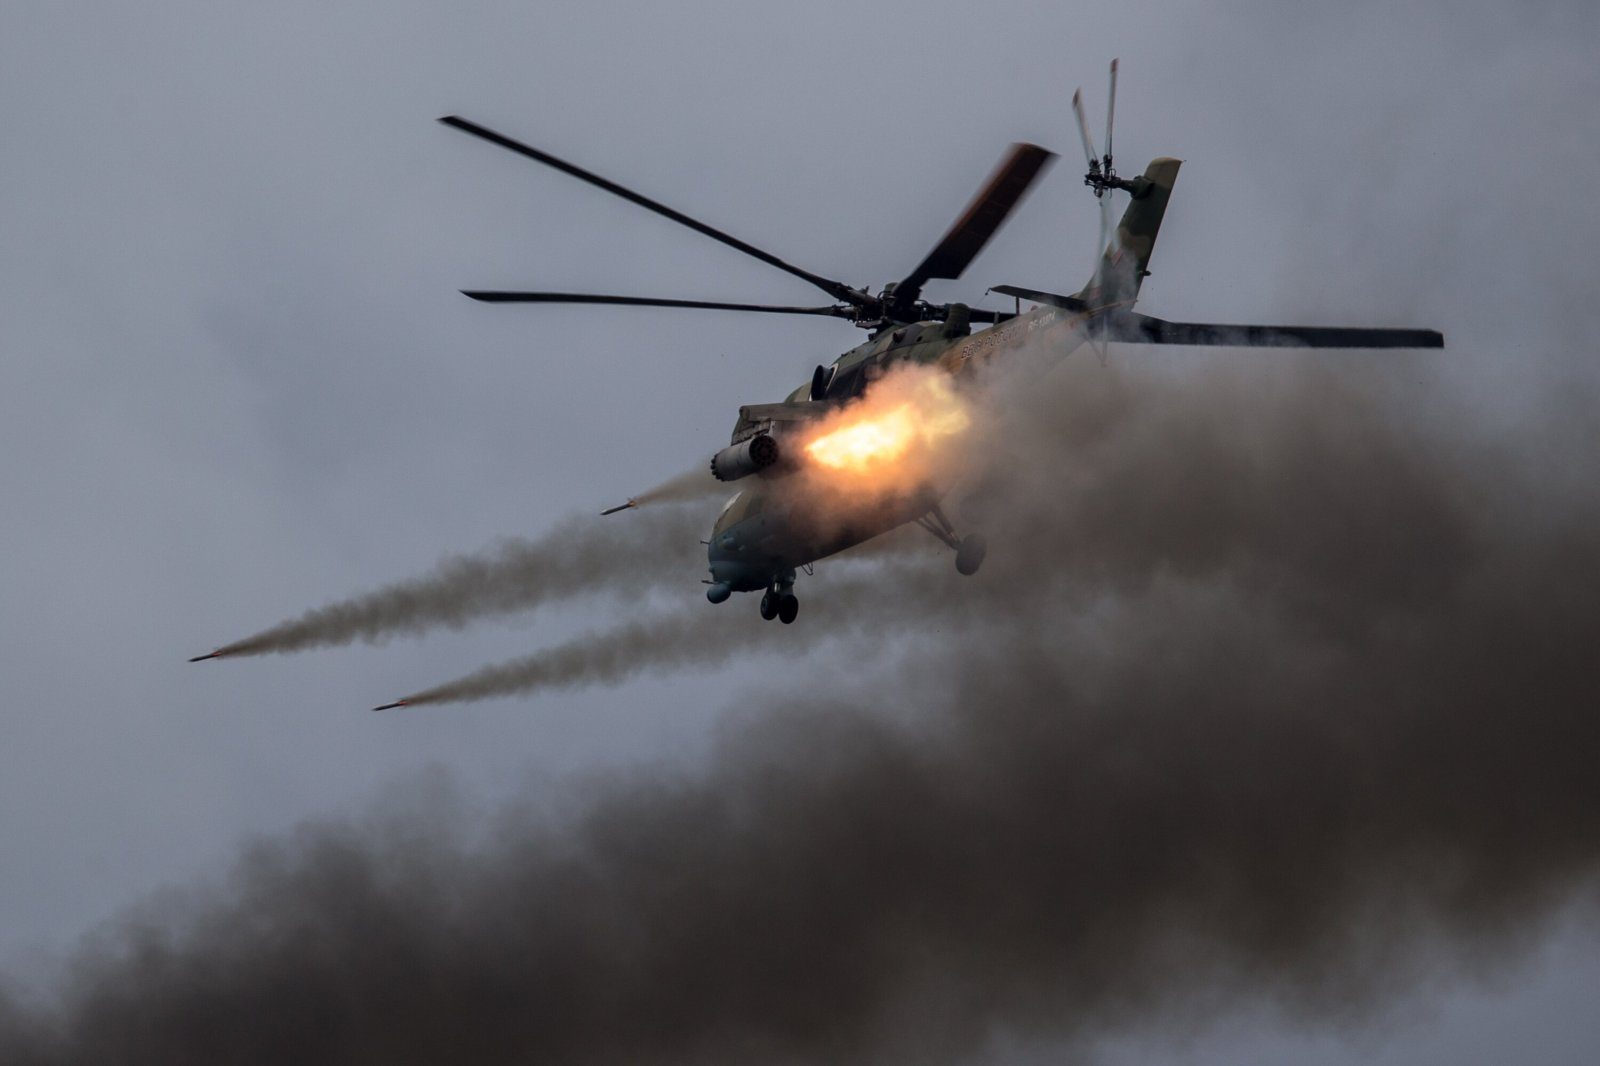 Настоящий бой танков, подводные роботы и полёты легендарных пилотажных групп увидят зрители «Армии - 2017»